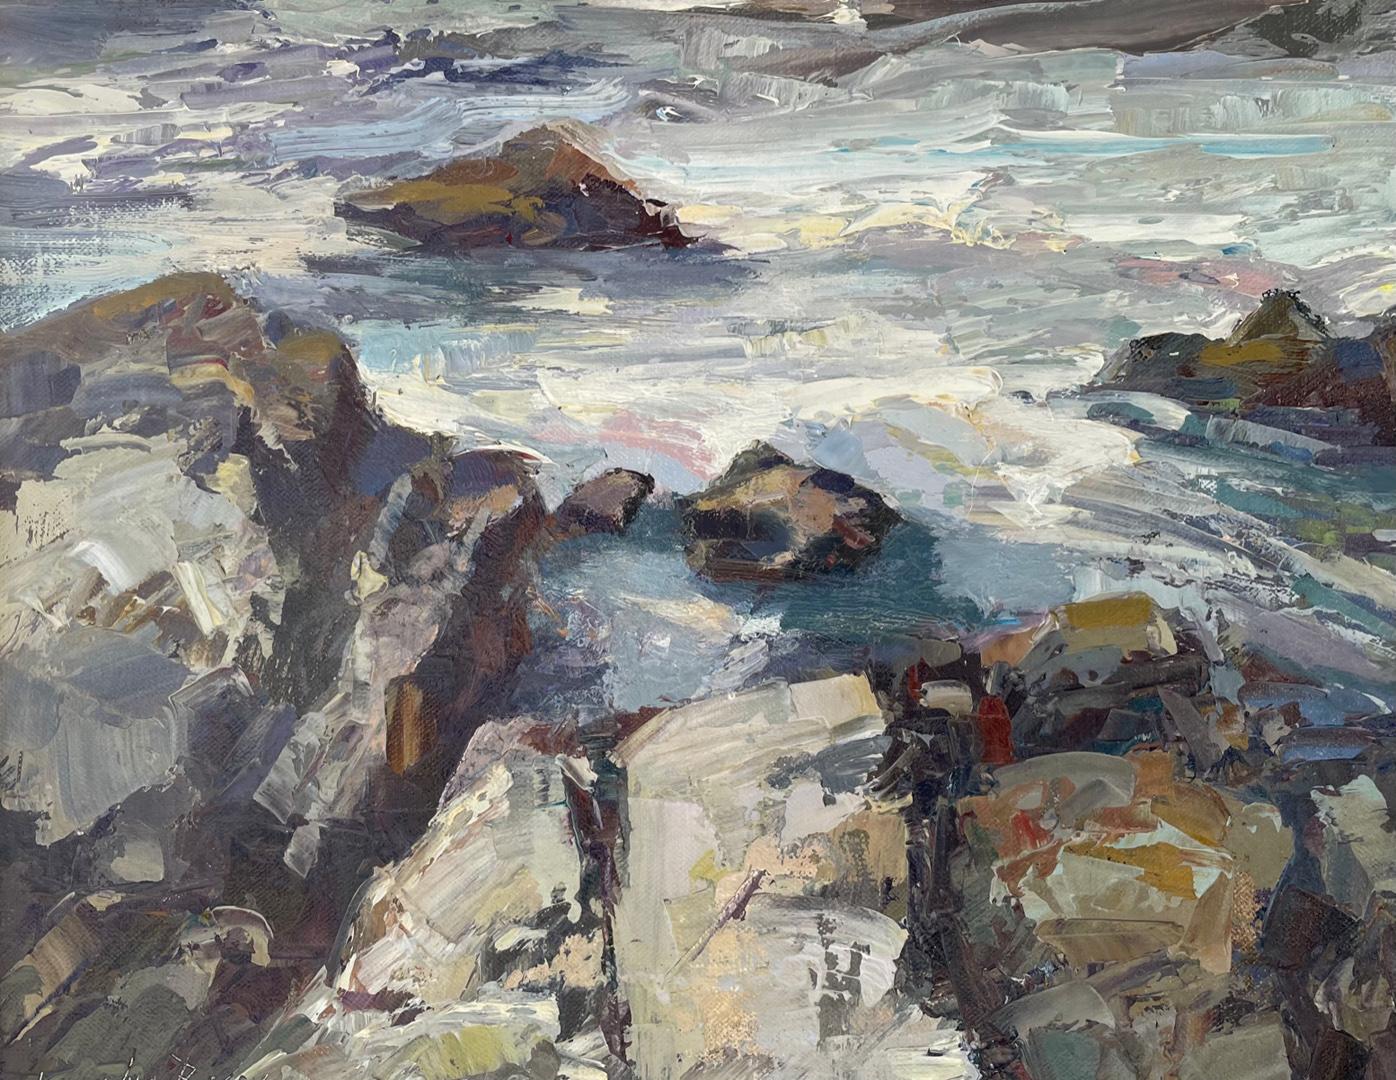 Artist Jacalyn Beam